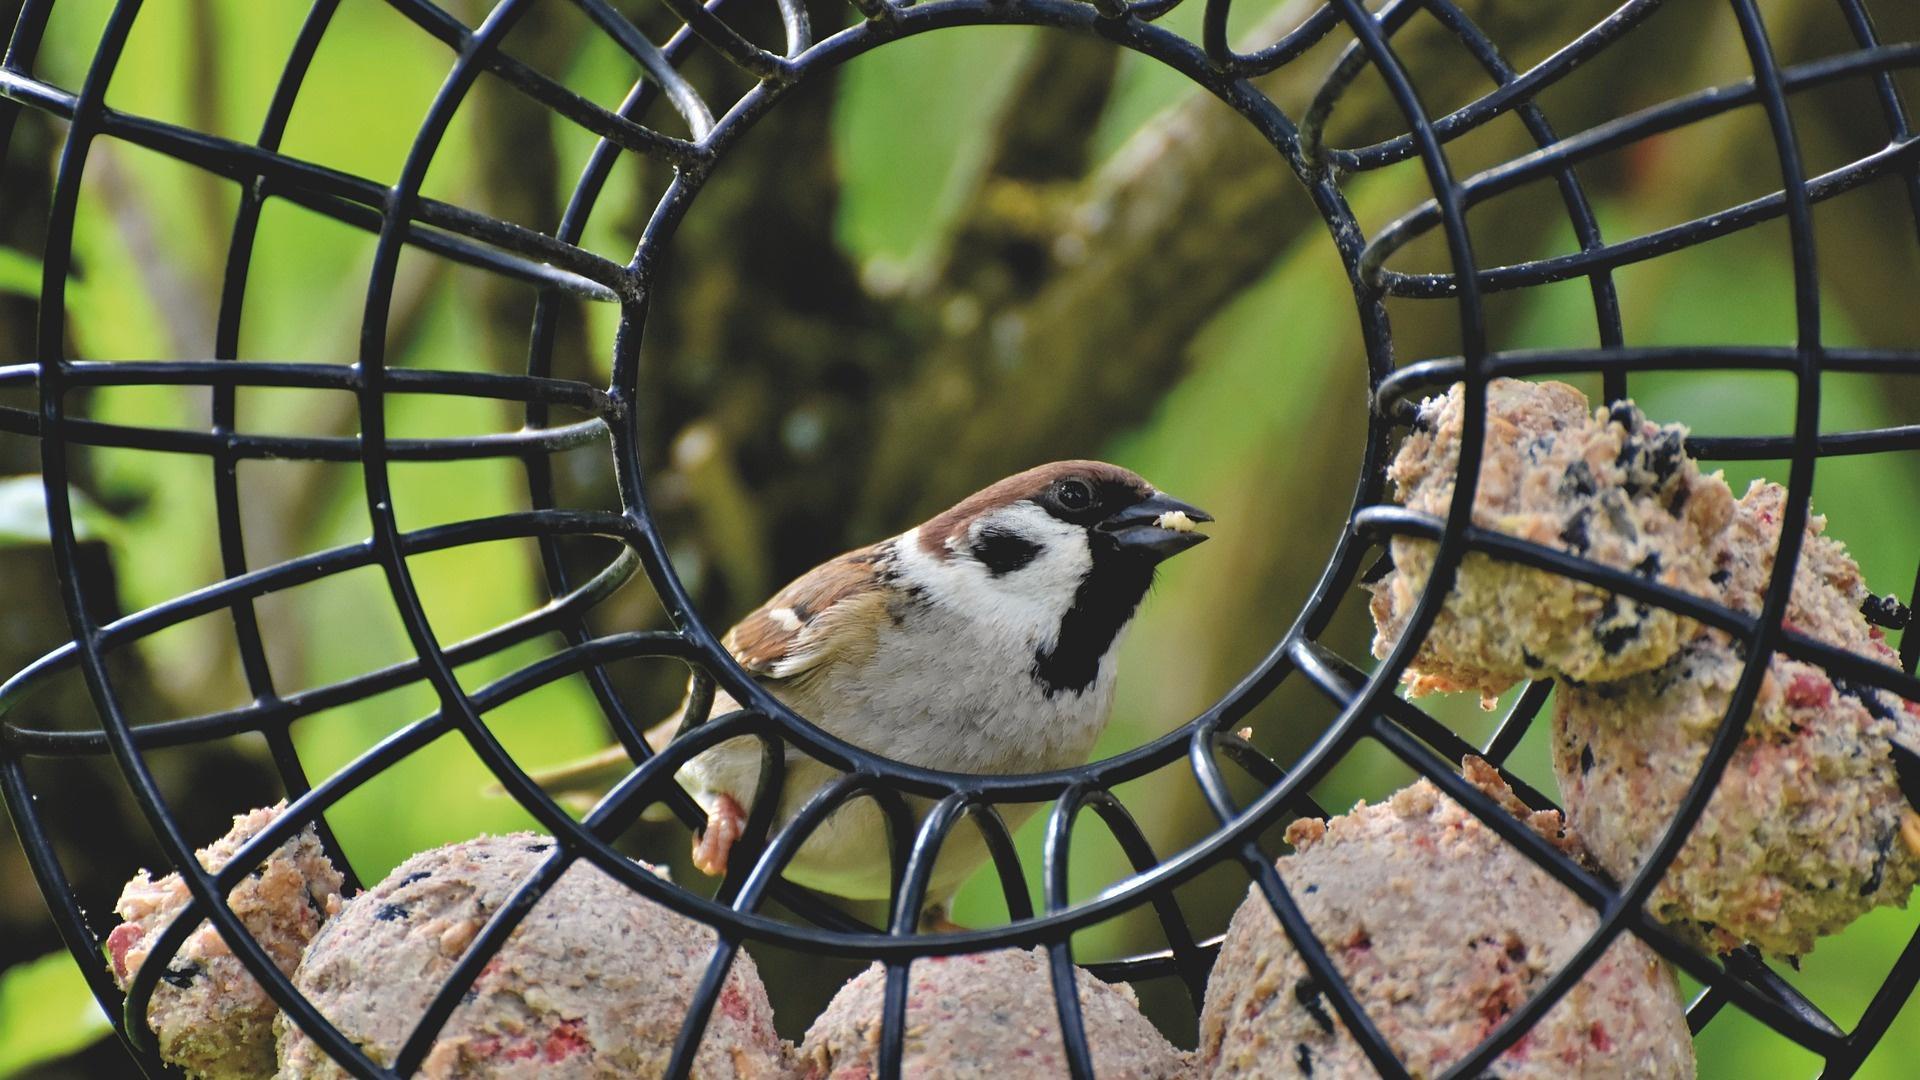 Bei der Fütterung von Vögeln auf dem Balkon sollten Sie einige Dinge beachten.